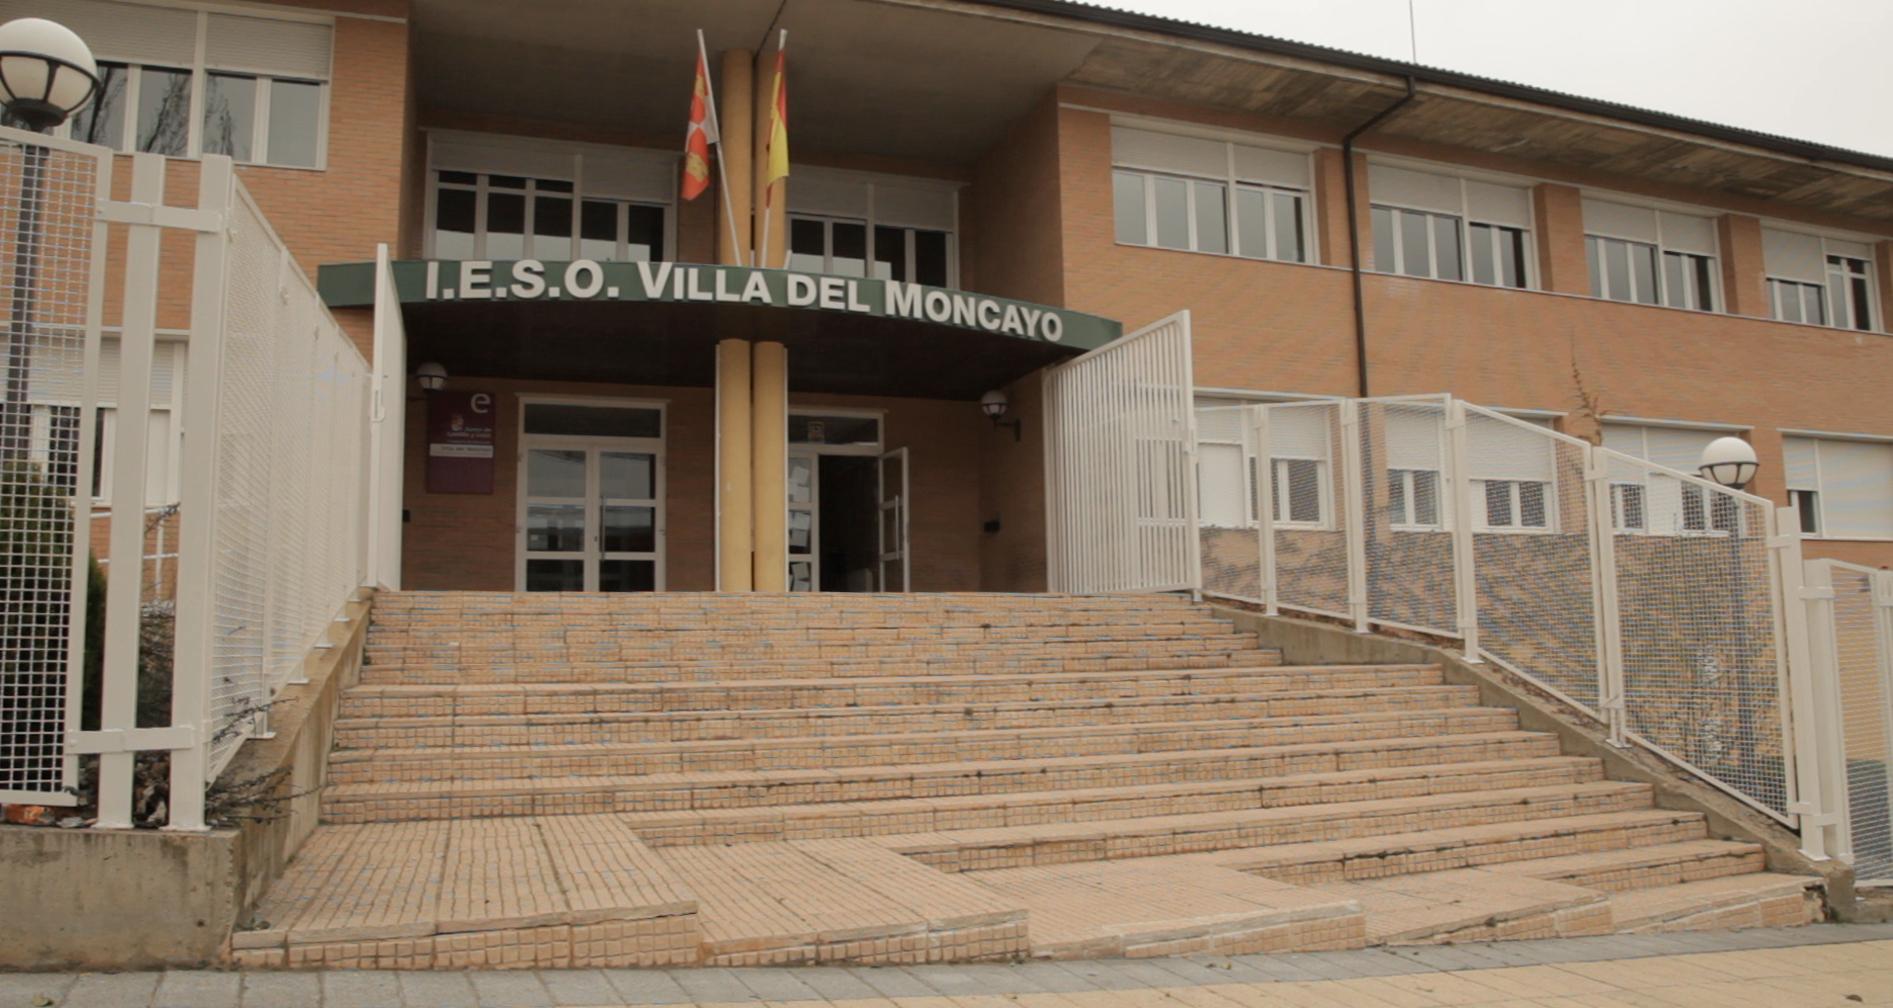 El IES Villa del Moncayo de Ólvega se adhiere a la Red de Calor con Biomasa del municipio de Ólvega